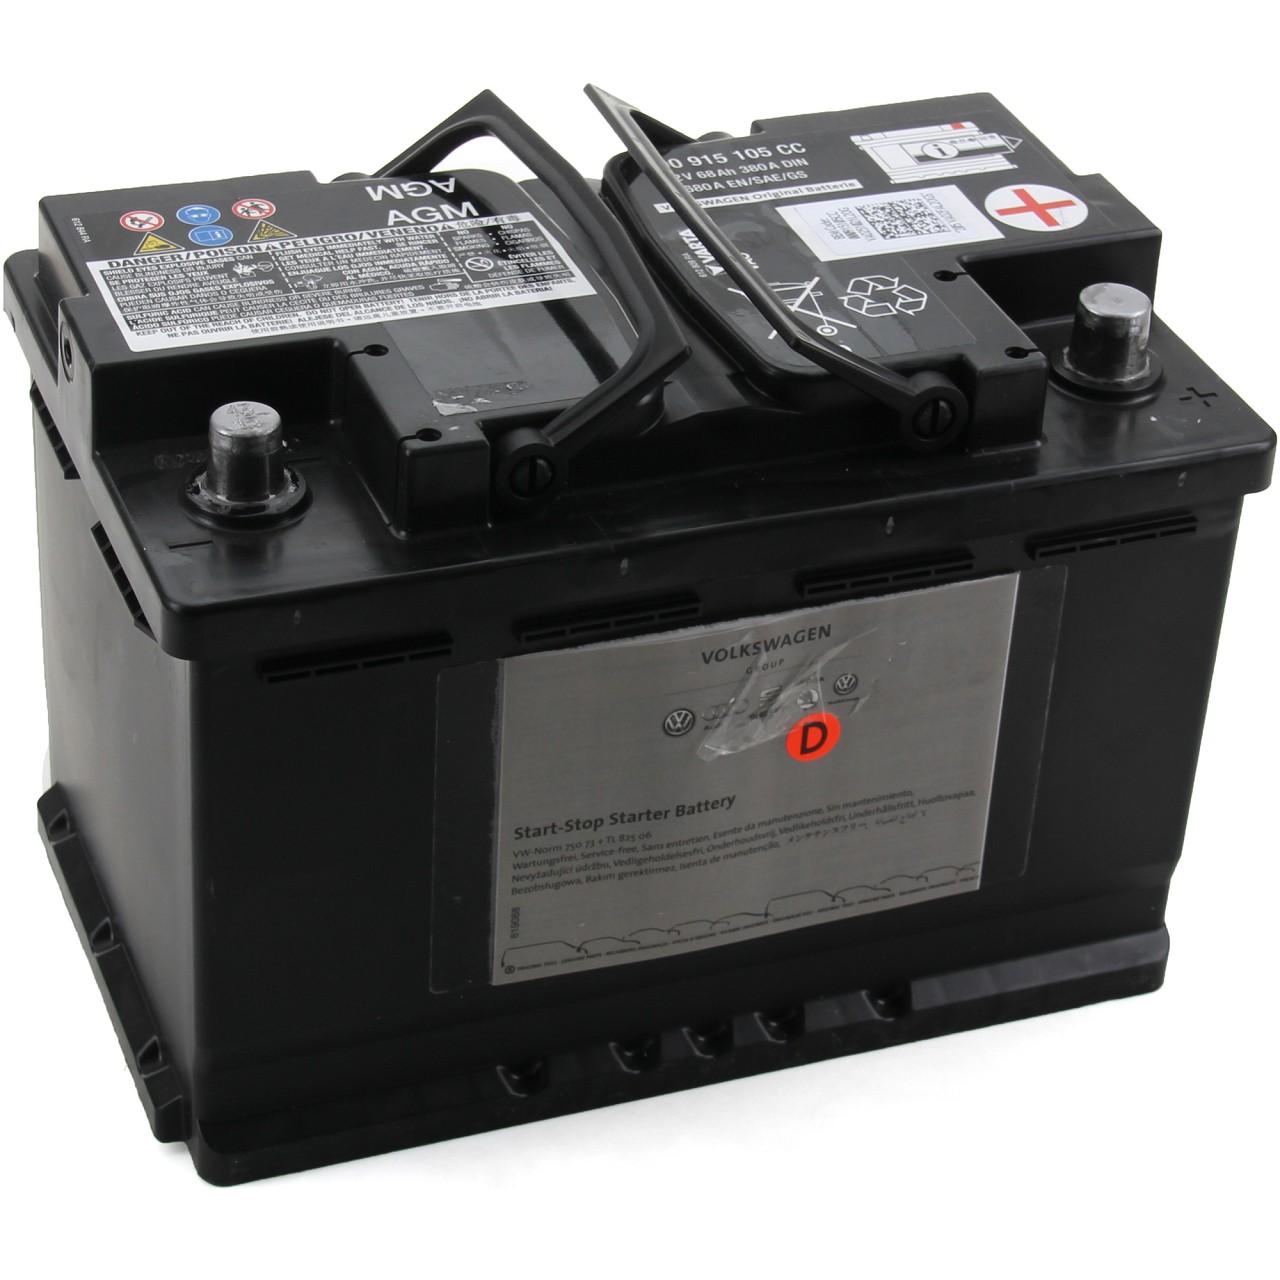 ORIGINAL VW Autobatterie Batterie Starterbatterie 12V 68Ah 380/680A 000915105CC